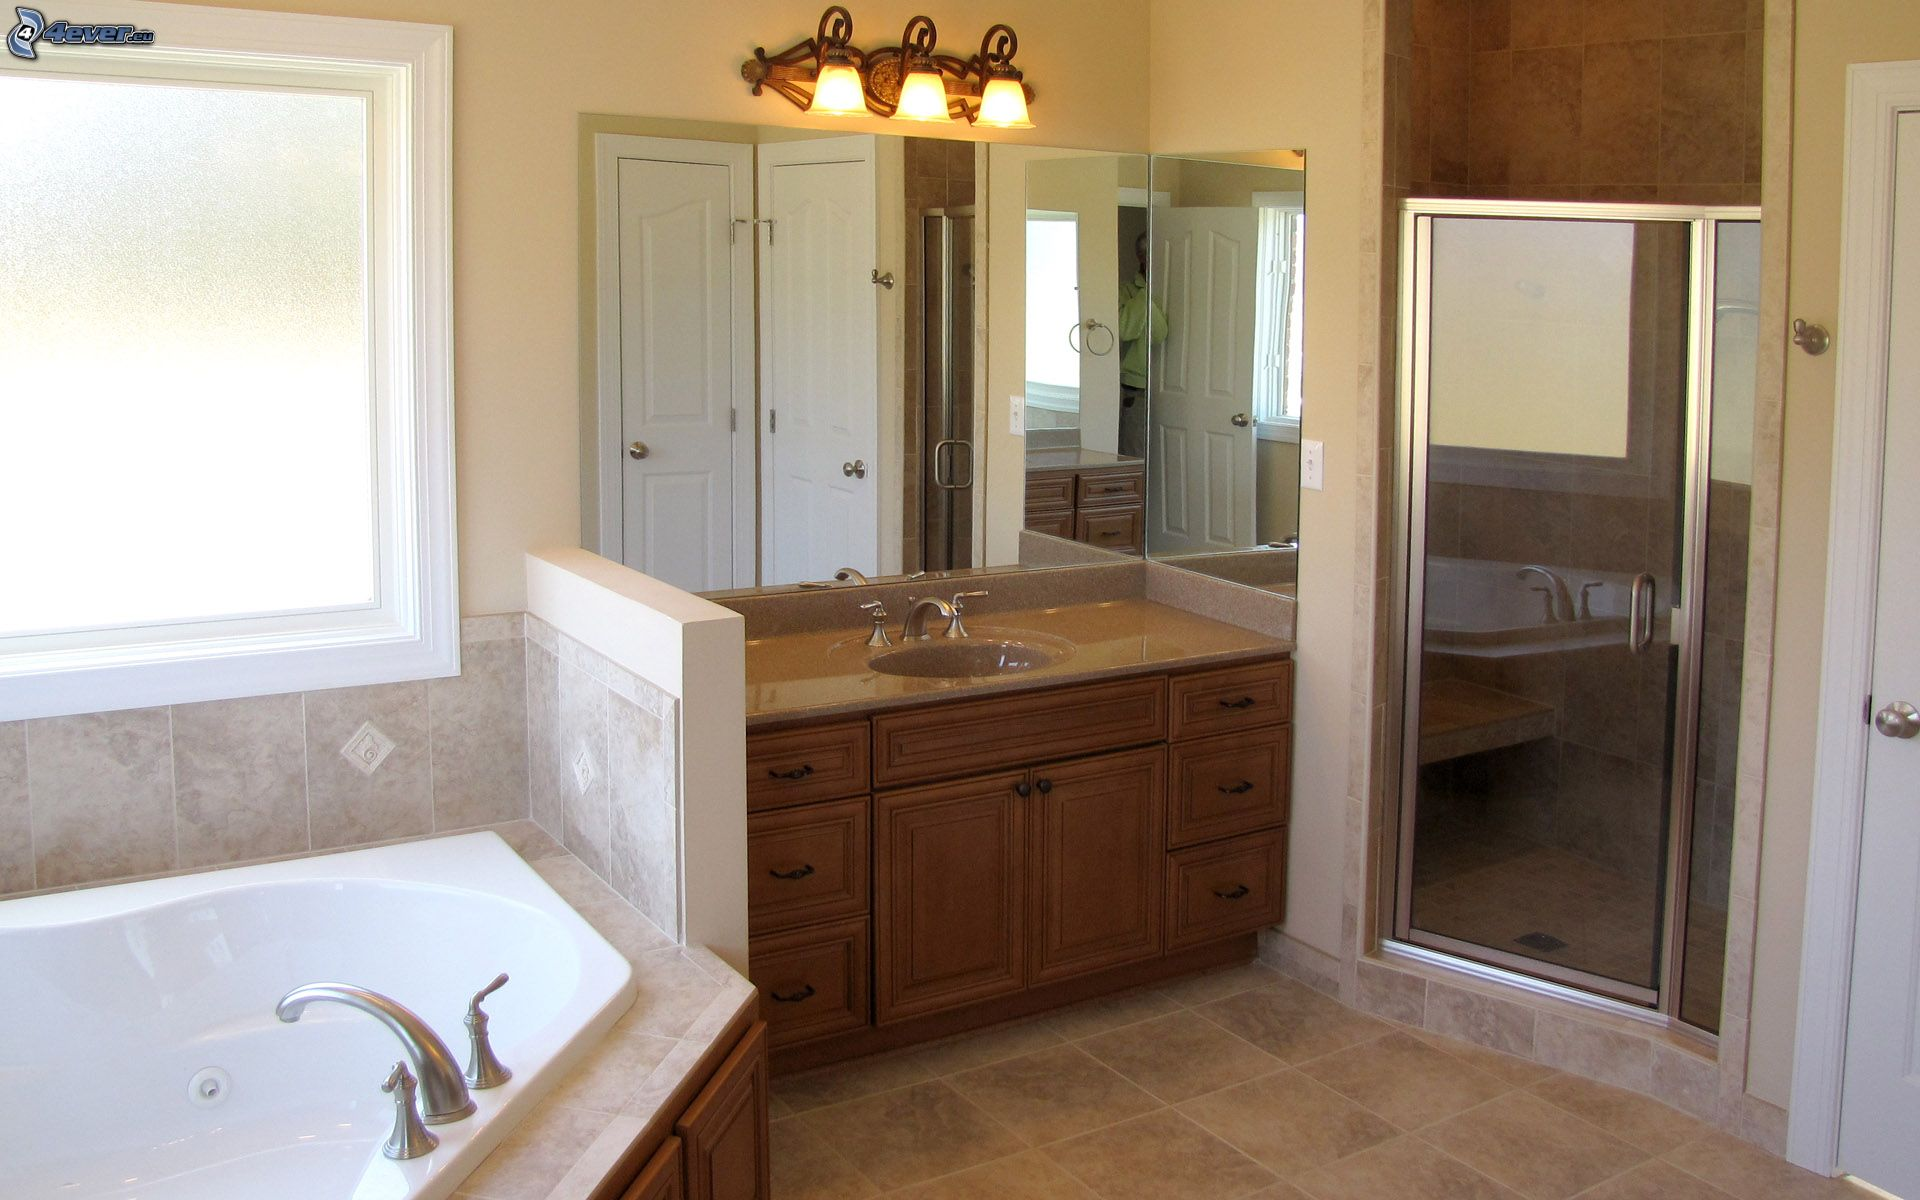 Lamparas Para El Baño:cuarto-de-bano,-lavabo,-espejo,-bano,-lampara,-ventana-192792jpg